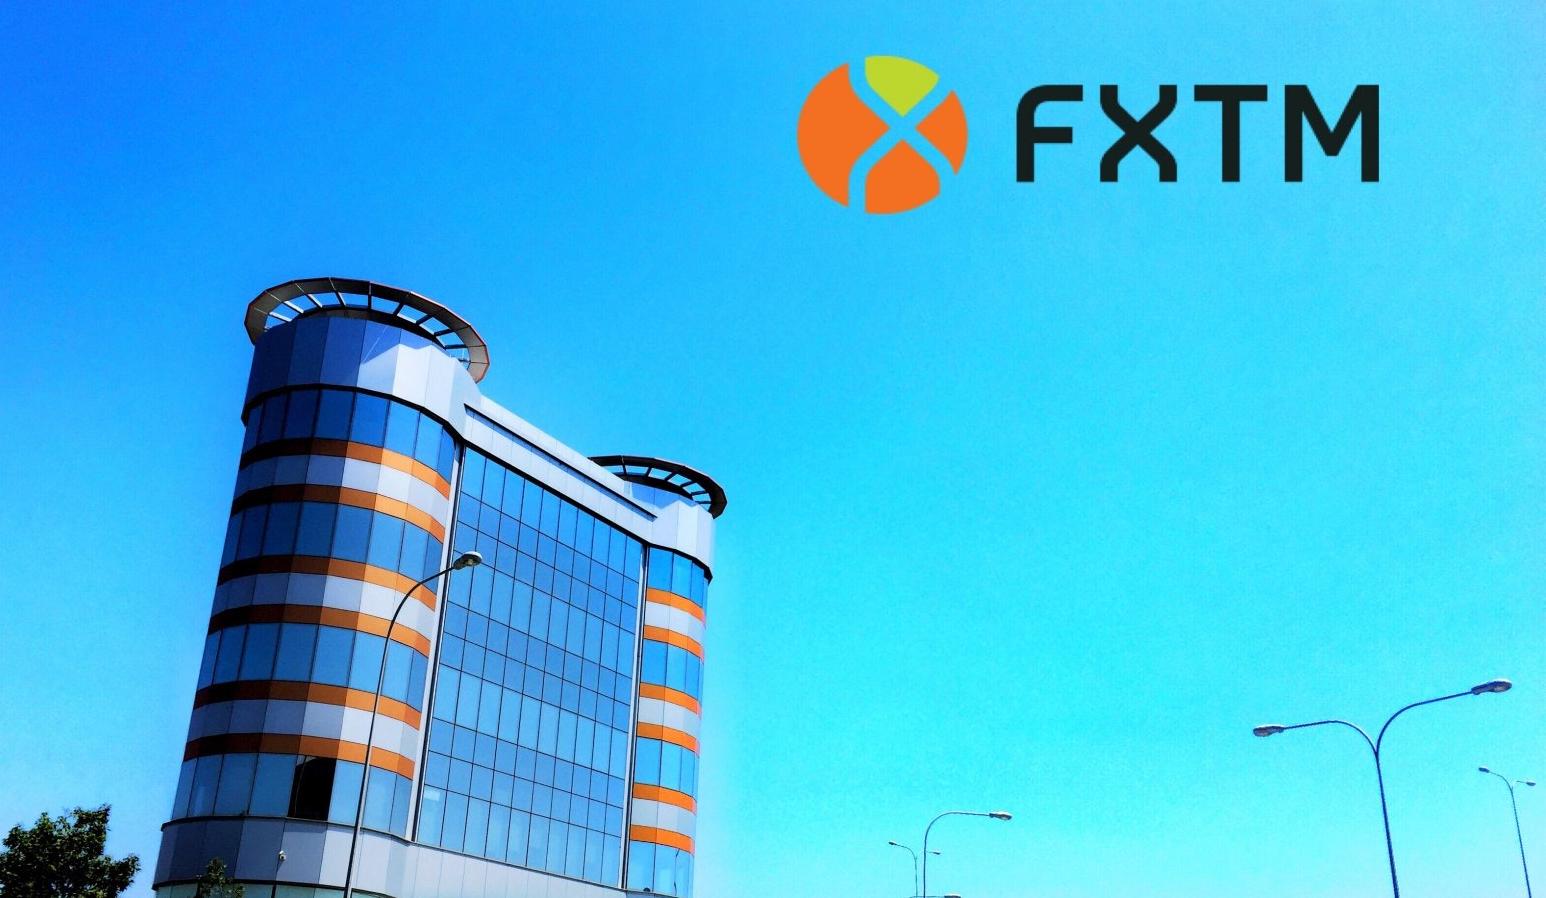 Có nên giao dịch tại sàn FXTM hay không?